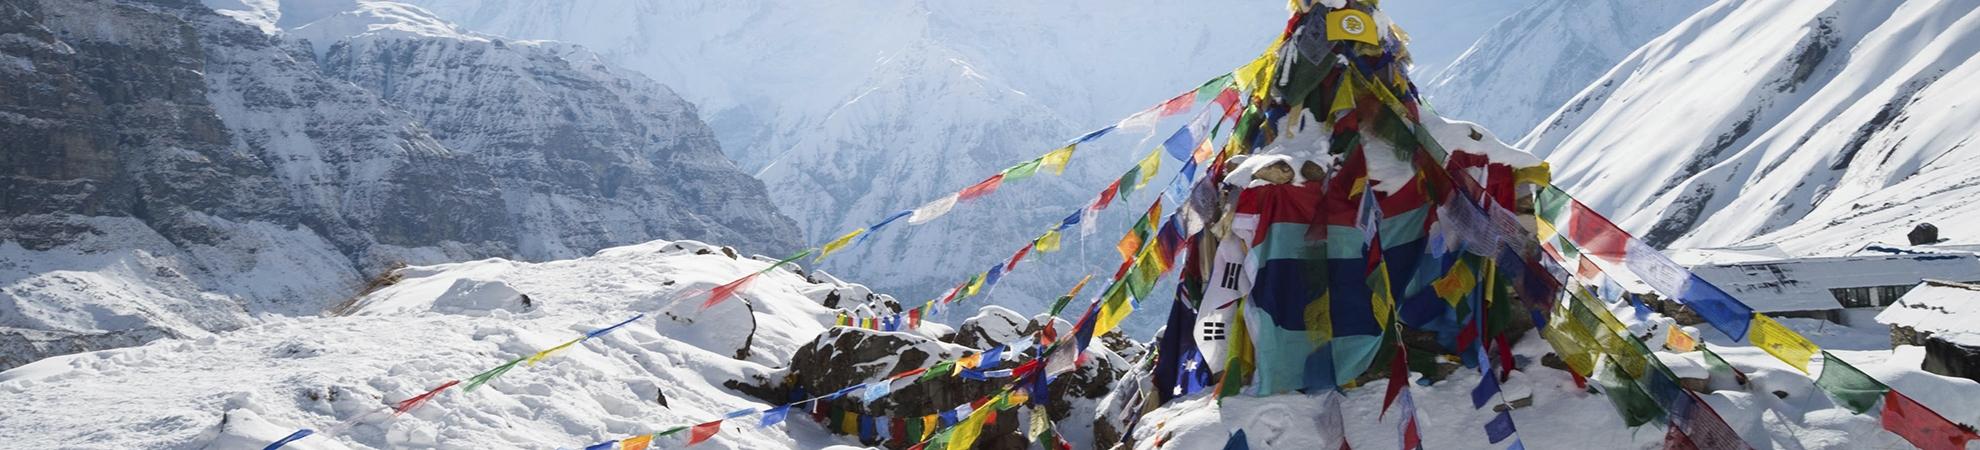 Infos pratiques Népal